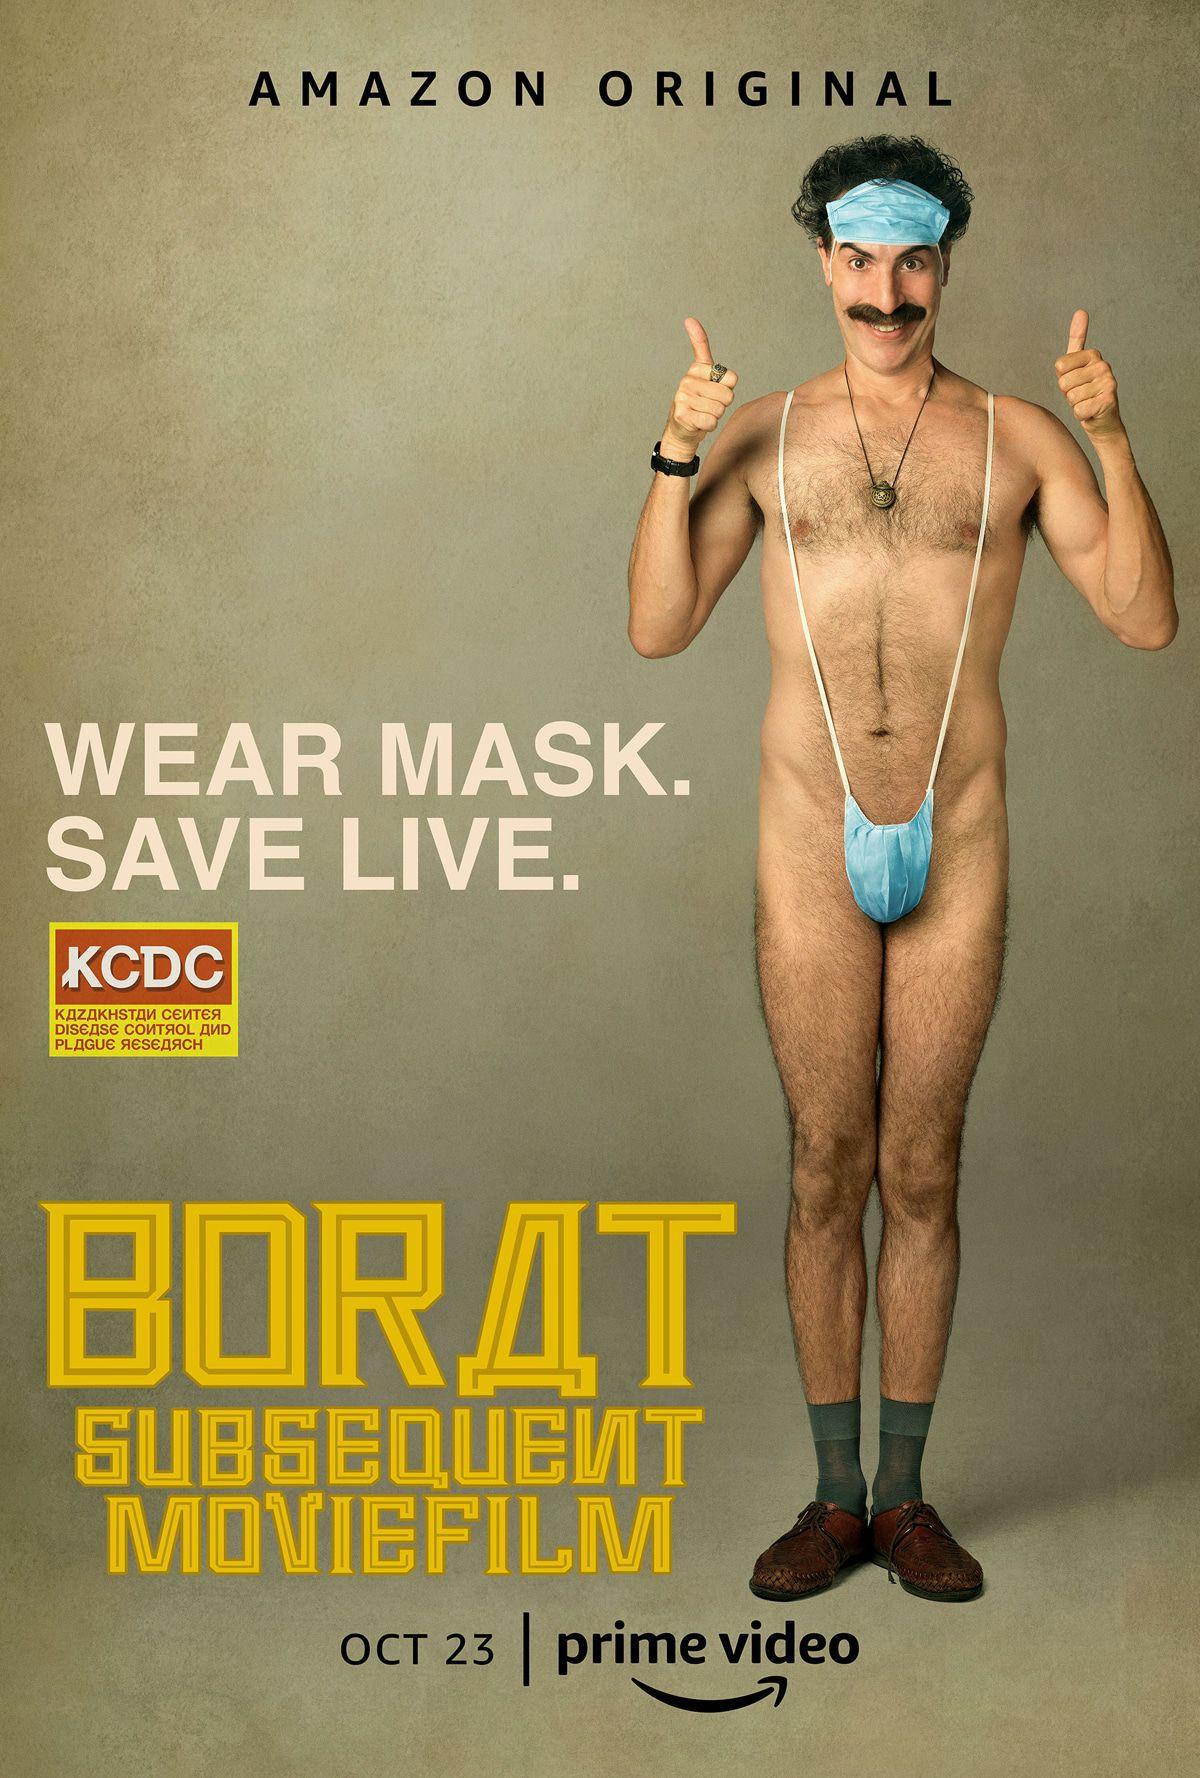 Borat ist zurück! Hier ist der erste Trailer!